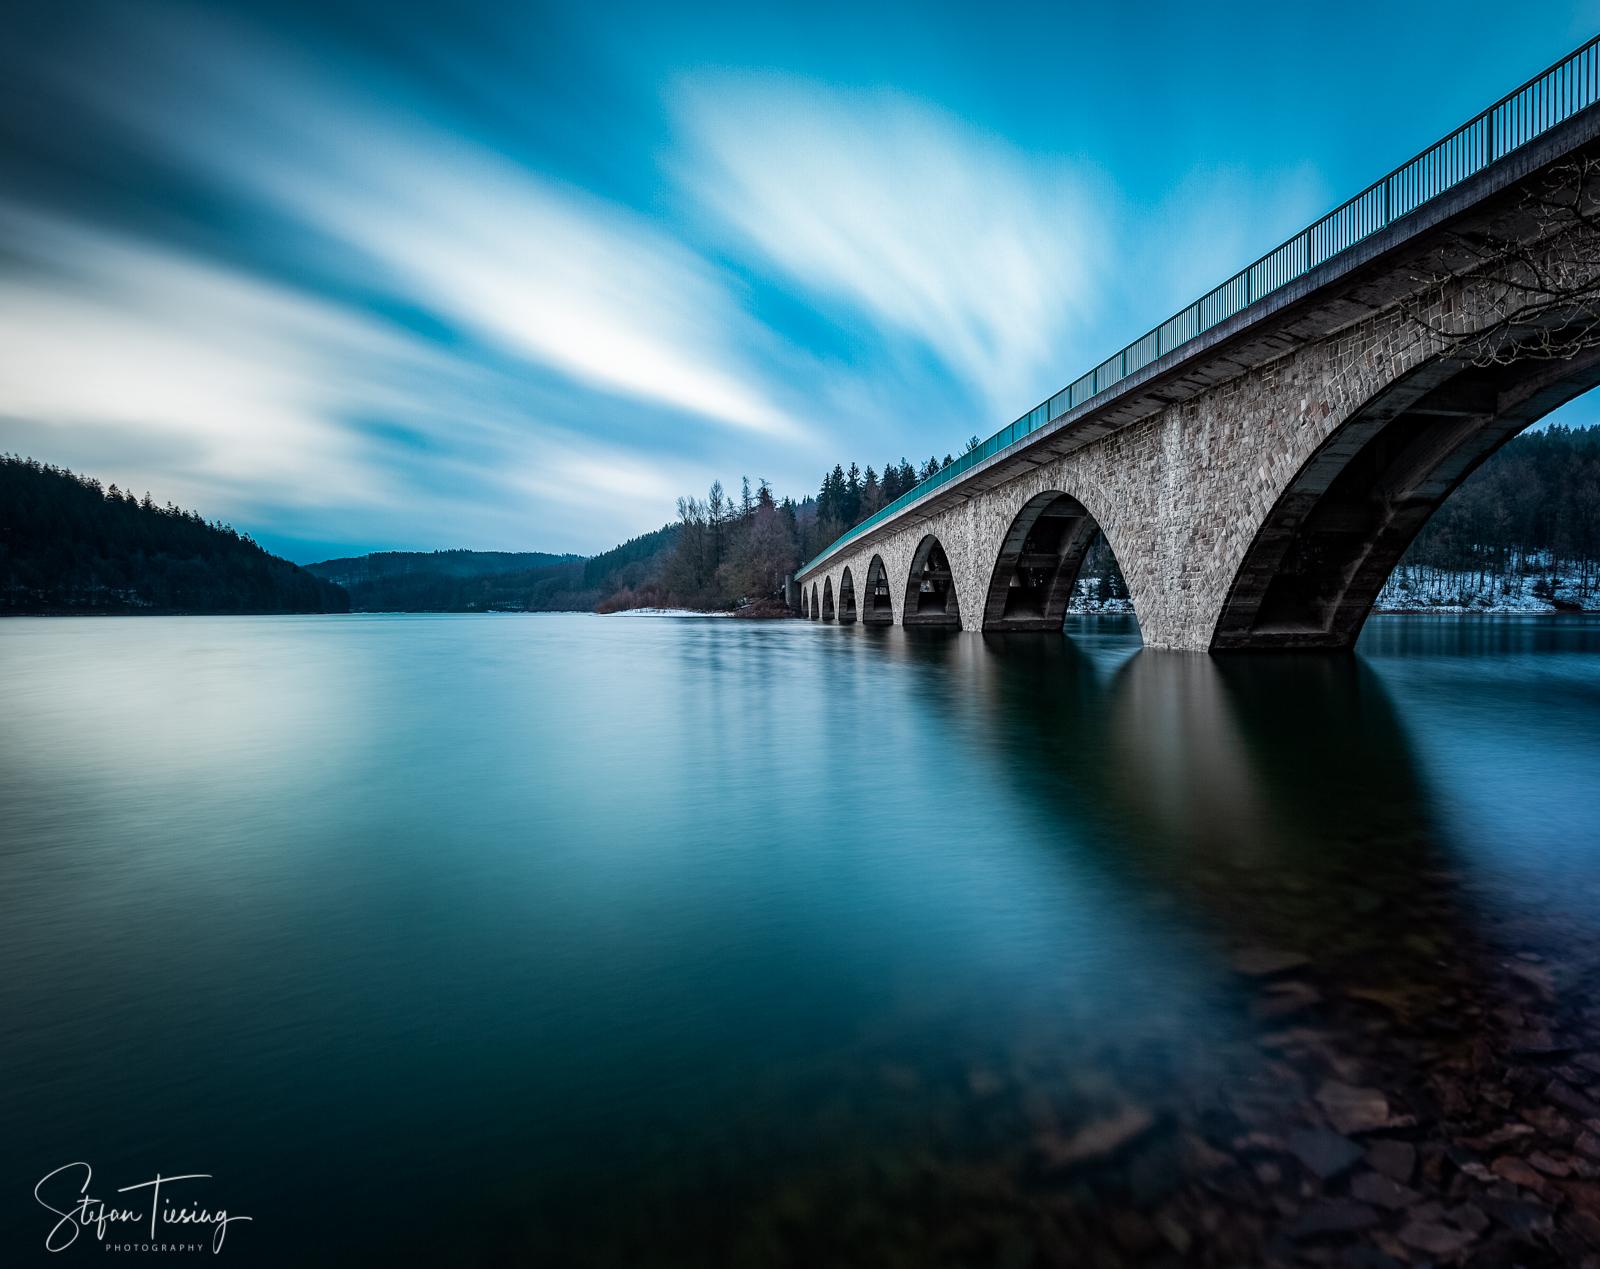 Klamer Brücke, Germany